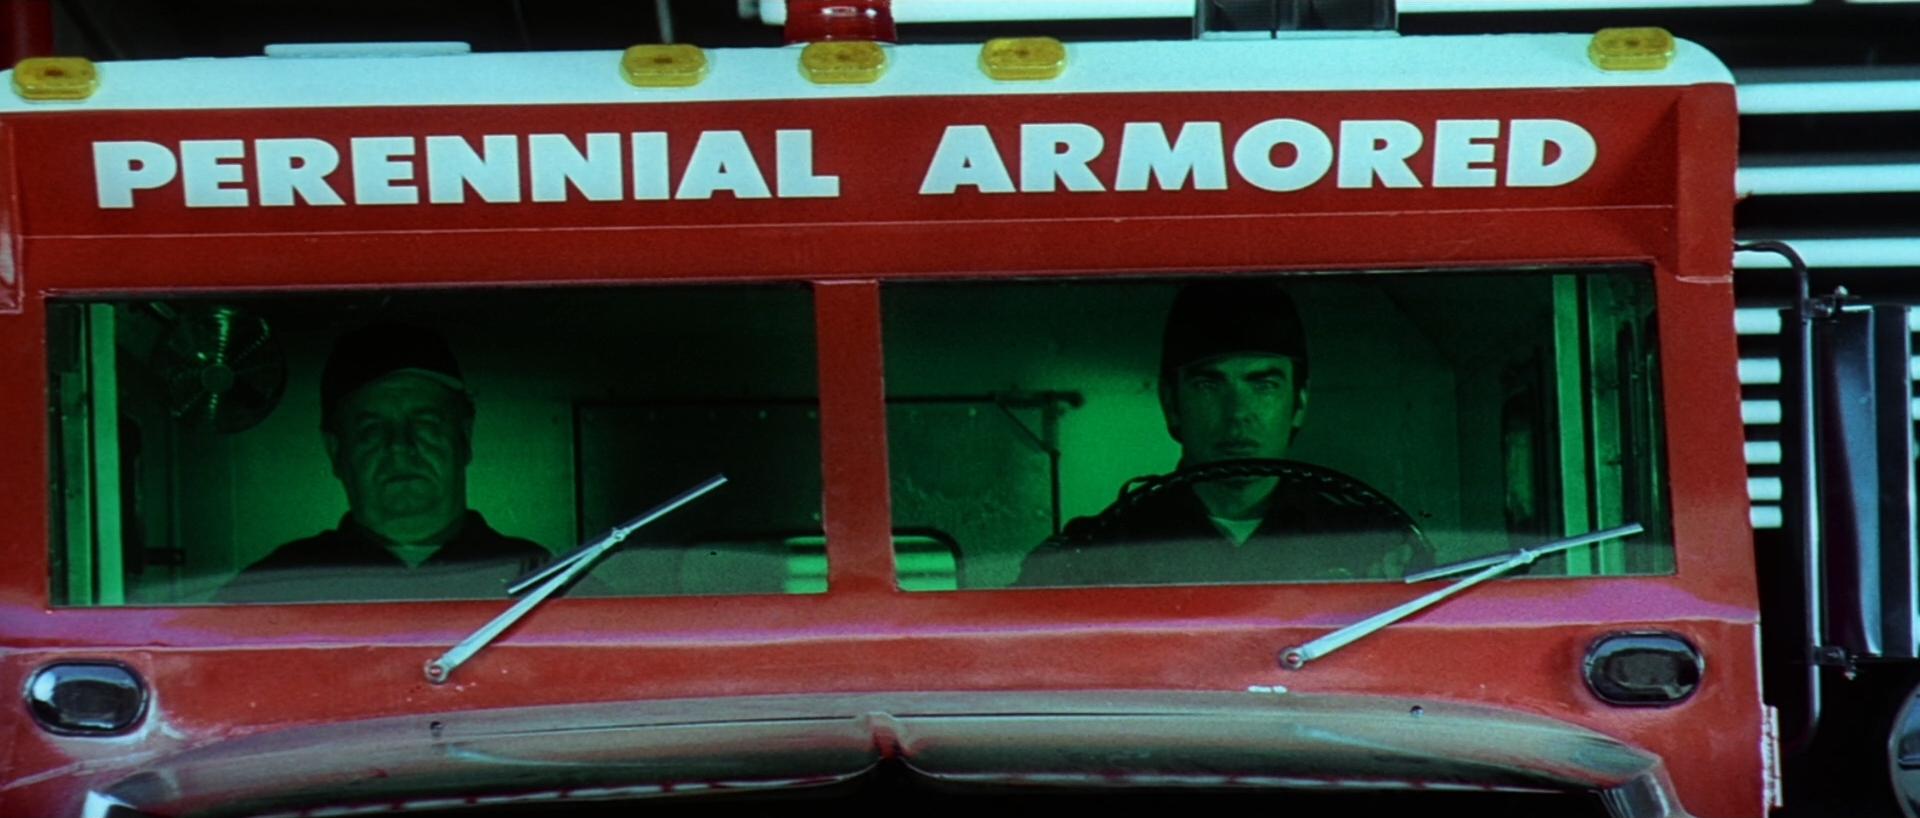 The Underneath - Armored Car